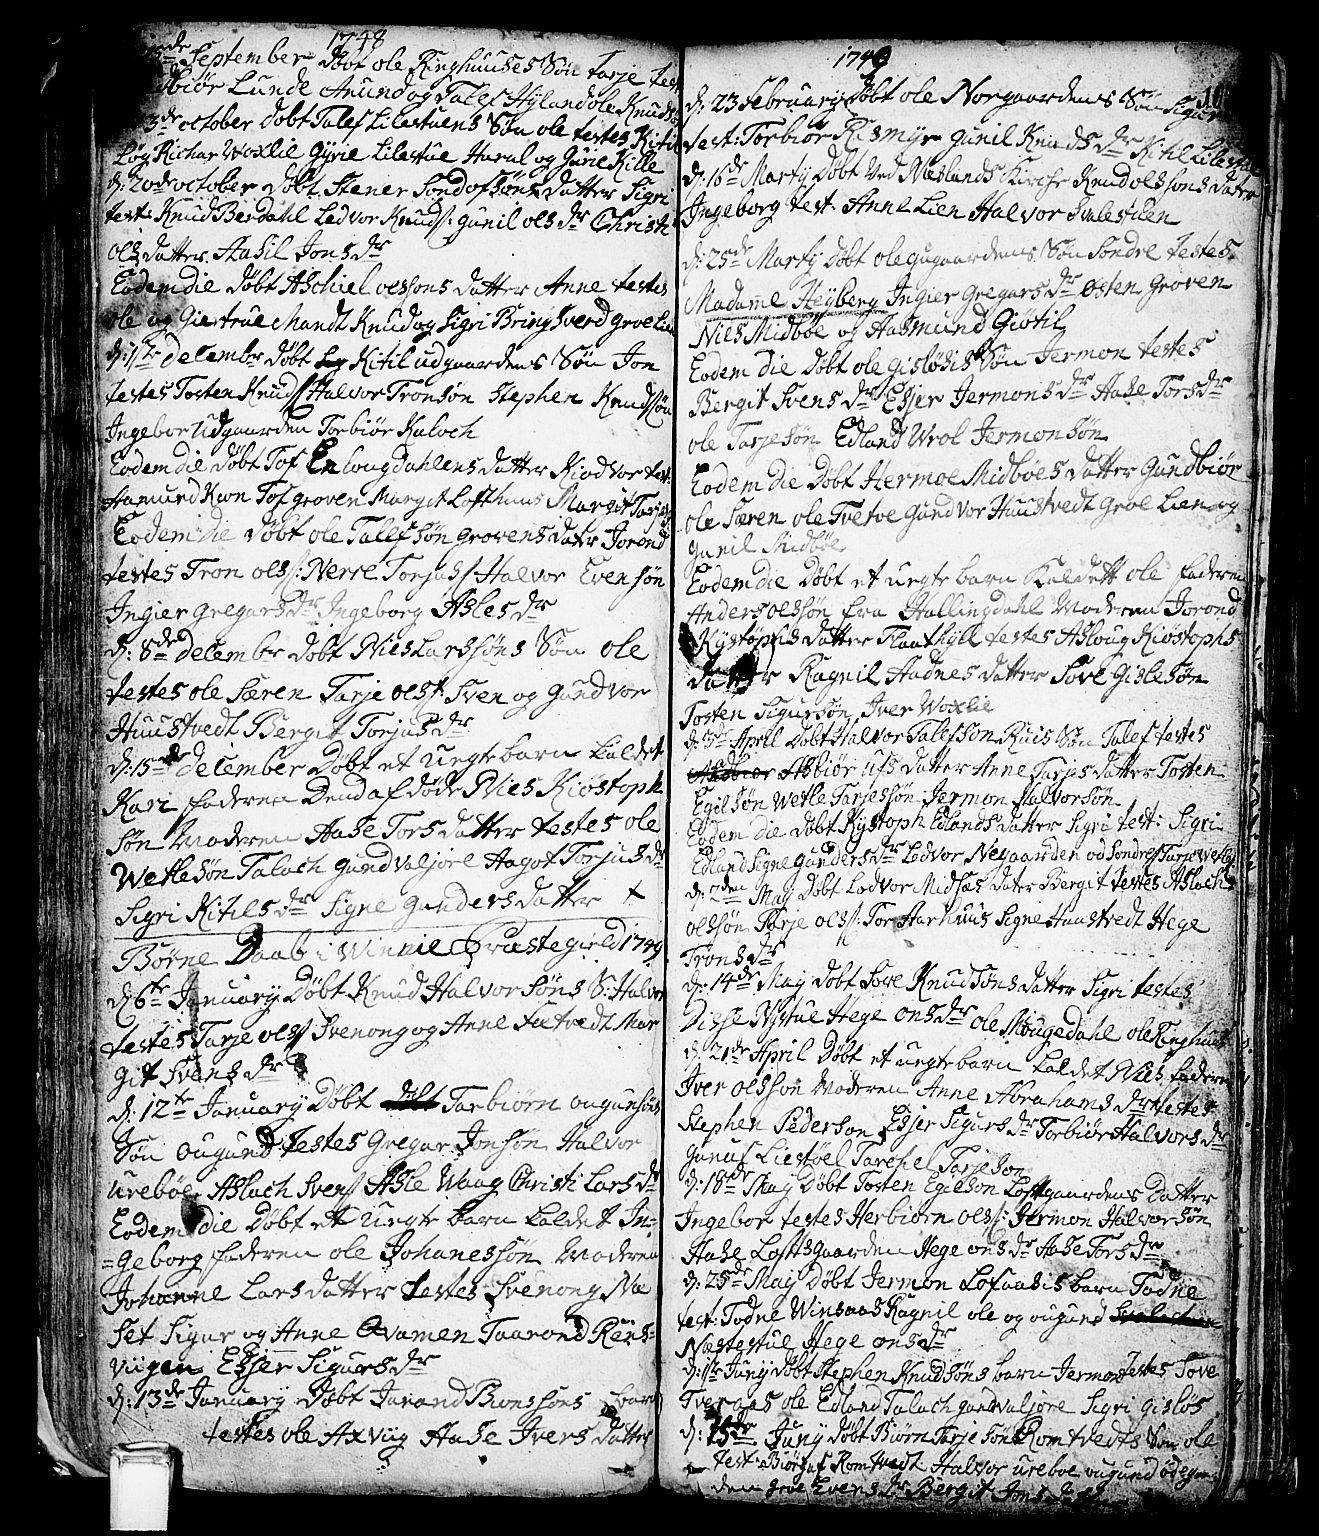 SAKO, Vinje kirkebøker, F/Fa/L0001: Ministerialbok nr. I 1, 1717-1766, s. 103